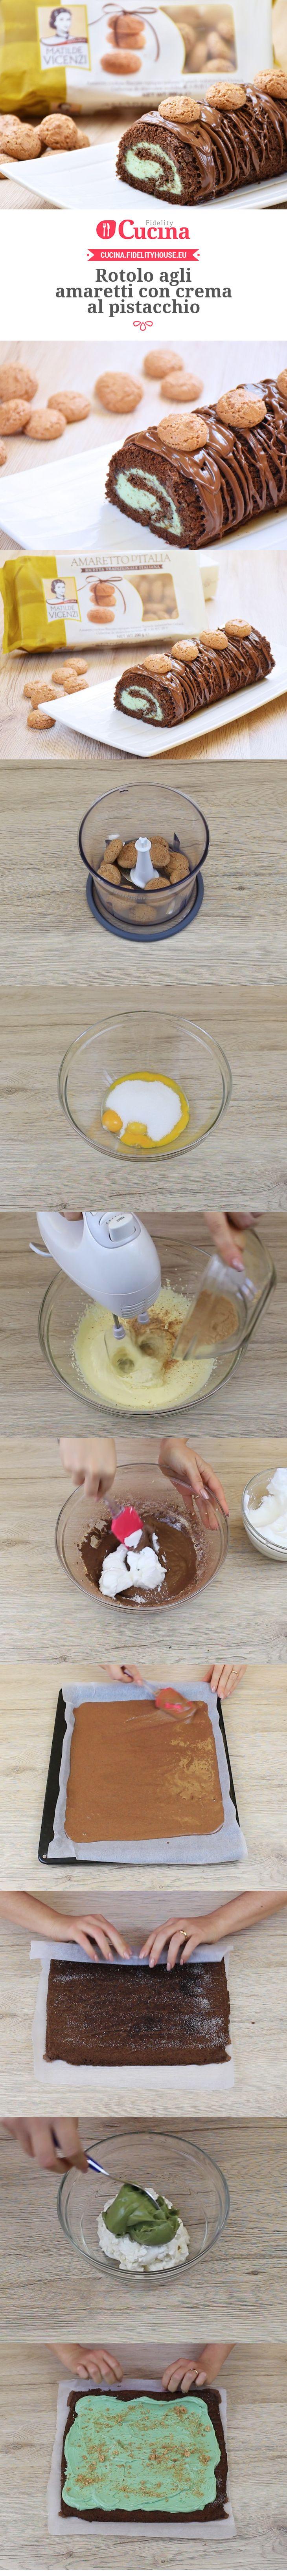 Rotolo agli amaretti con crema al pistacchio